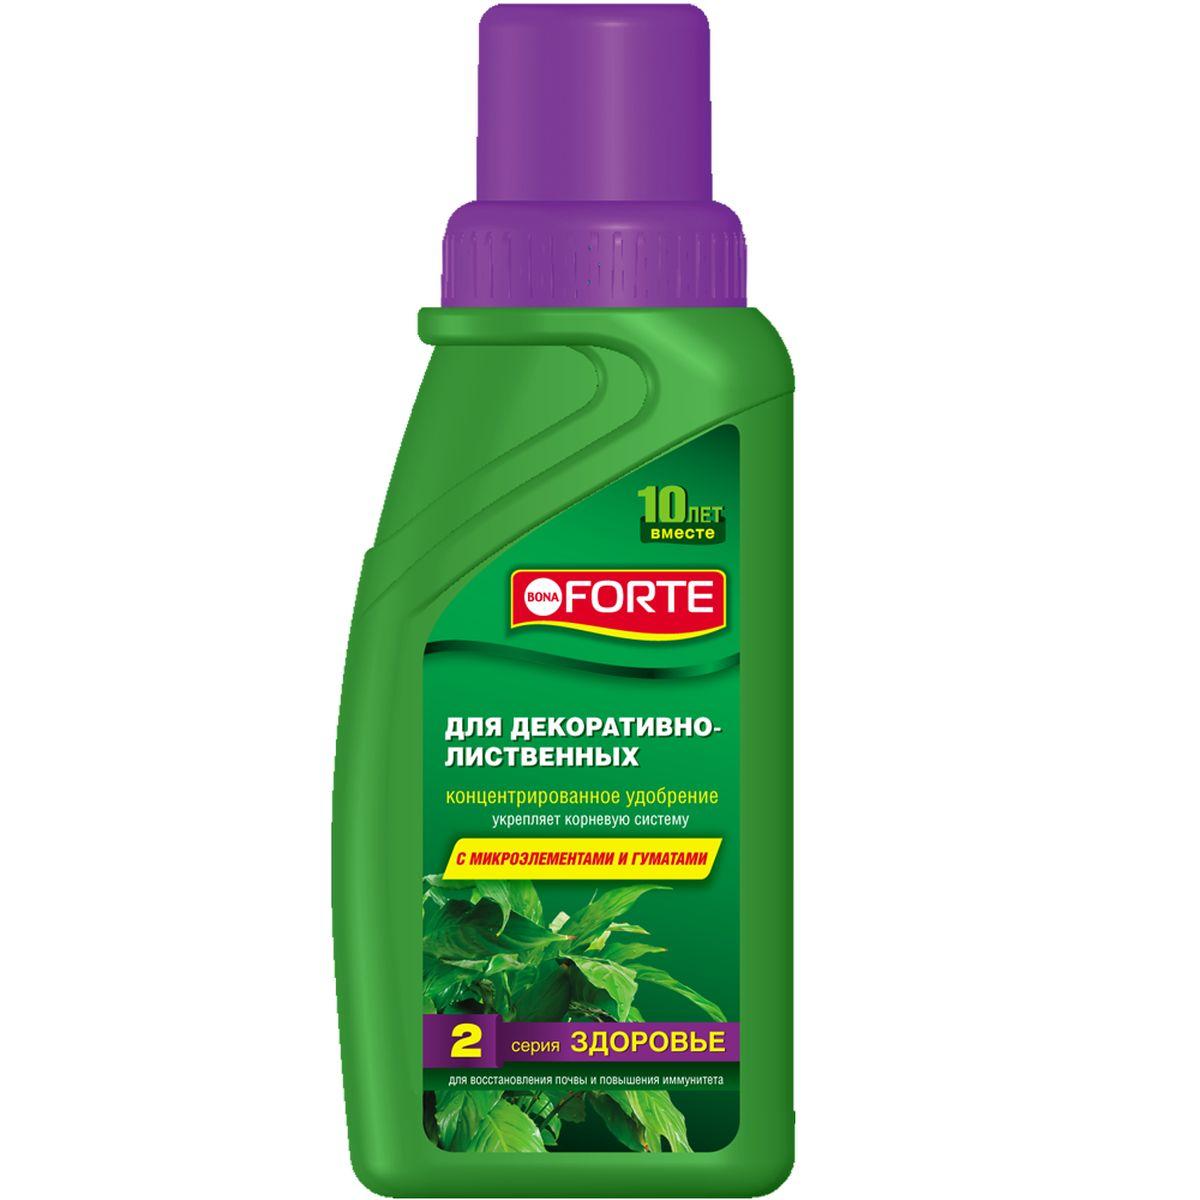 Жидкое комплексное удобрение Bona Forte, 285 мл4013441400281Комплексное удобрение предназначено для сбалансированного питания растений, придания сочной окраски листьям, активного роста зеленной массы и повышения иммунитета растений.